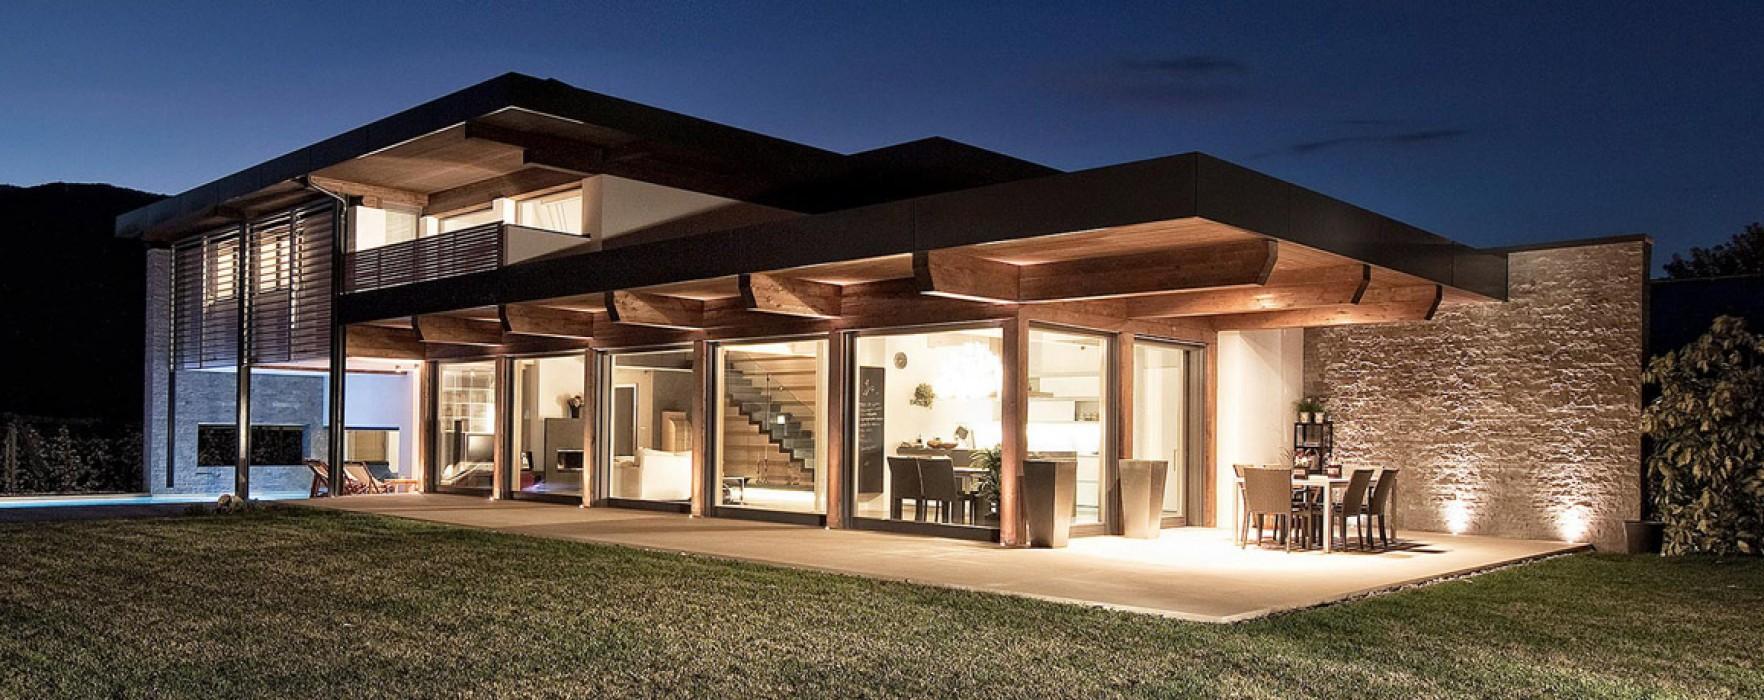 Case prefabbricate a struttura struttura mista for Modelli di case moderne